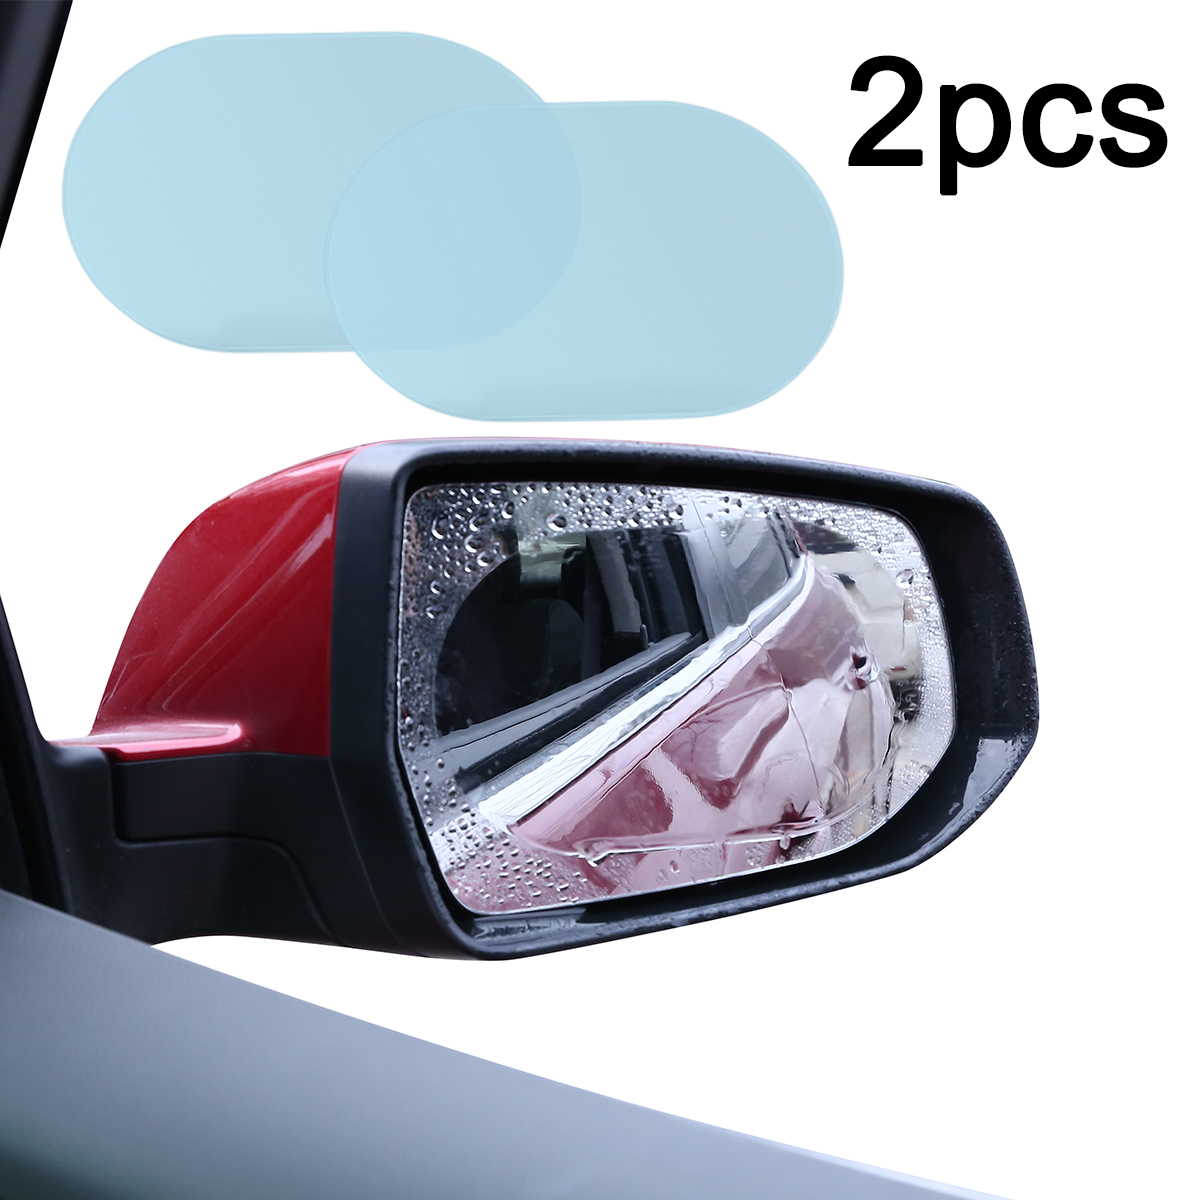 Mayitr 2Pcs 140*100 Mm Oval Mobil Anti Air Kabut Kabut Film Yg Tahan Hujan Kaca Spion Jendela Film Pelindung